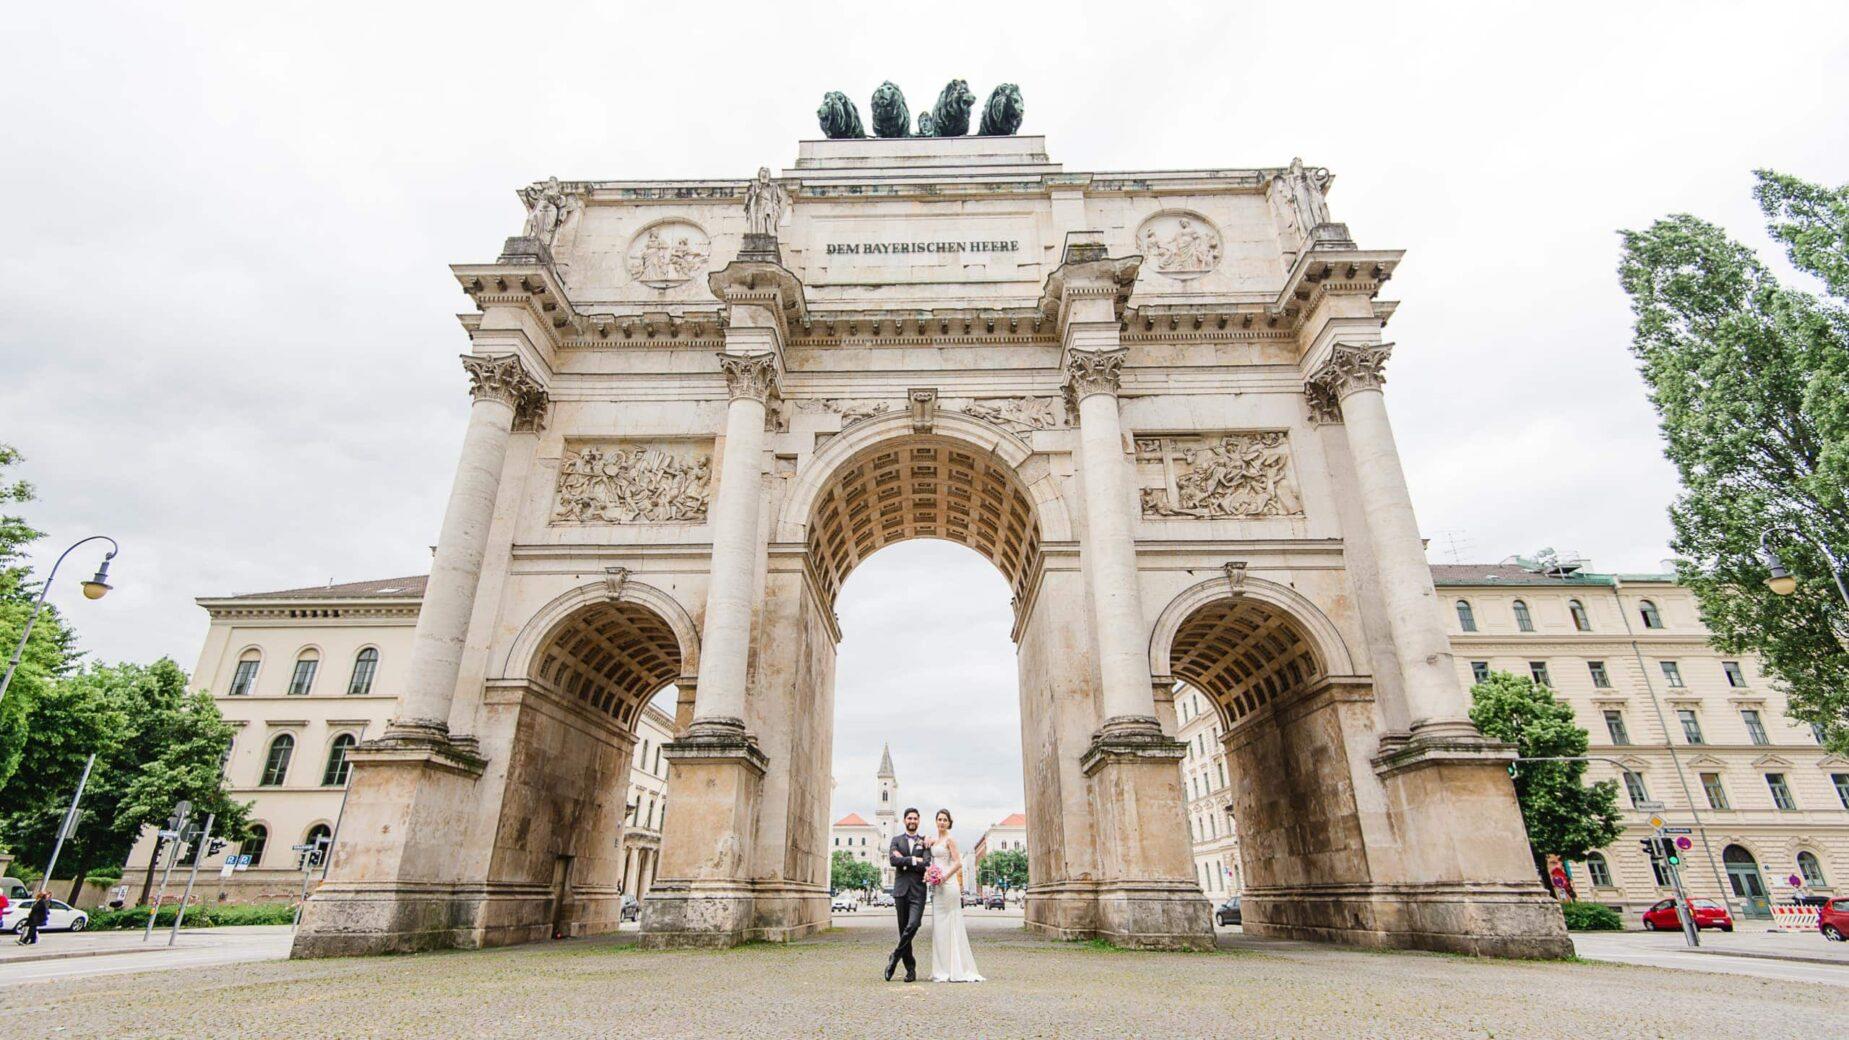 Professionelle Hochzeitsfotos in der Stadt, München, Ingolstadt, Augsburg, Landshut, Freising, Erding - Hochzeitspaar im Sommer in der Münchner Innenstadt von Jung und Wild design